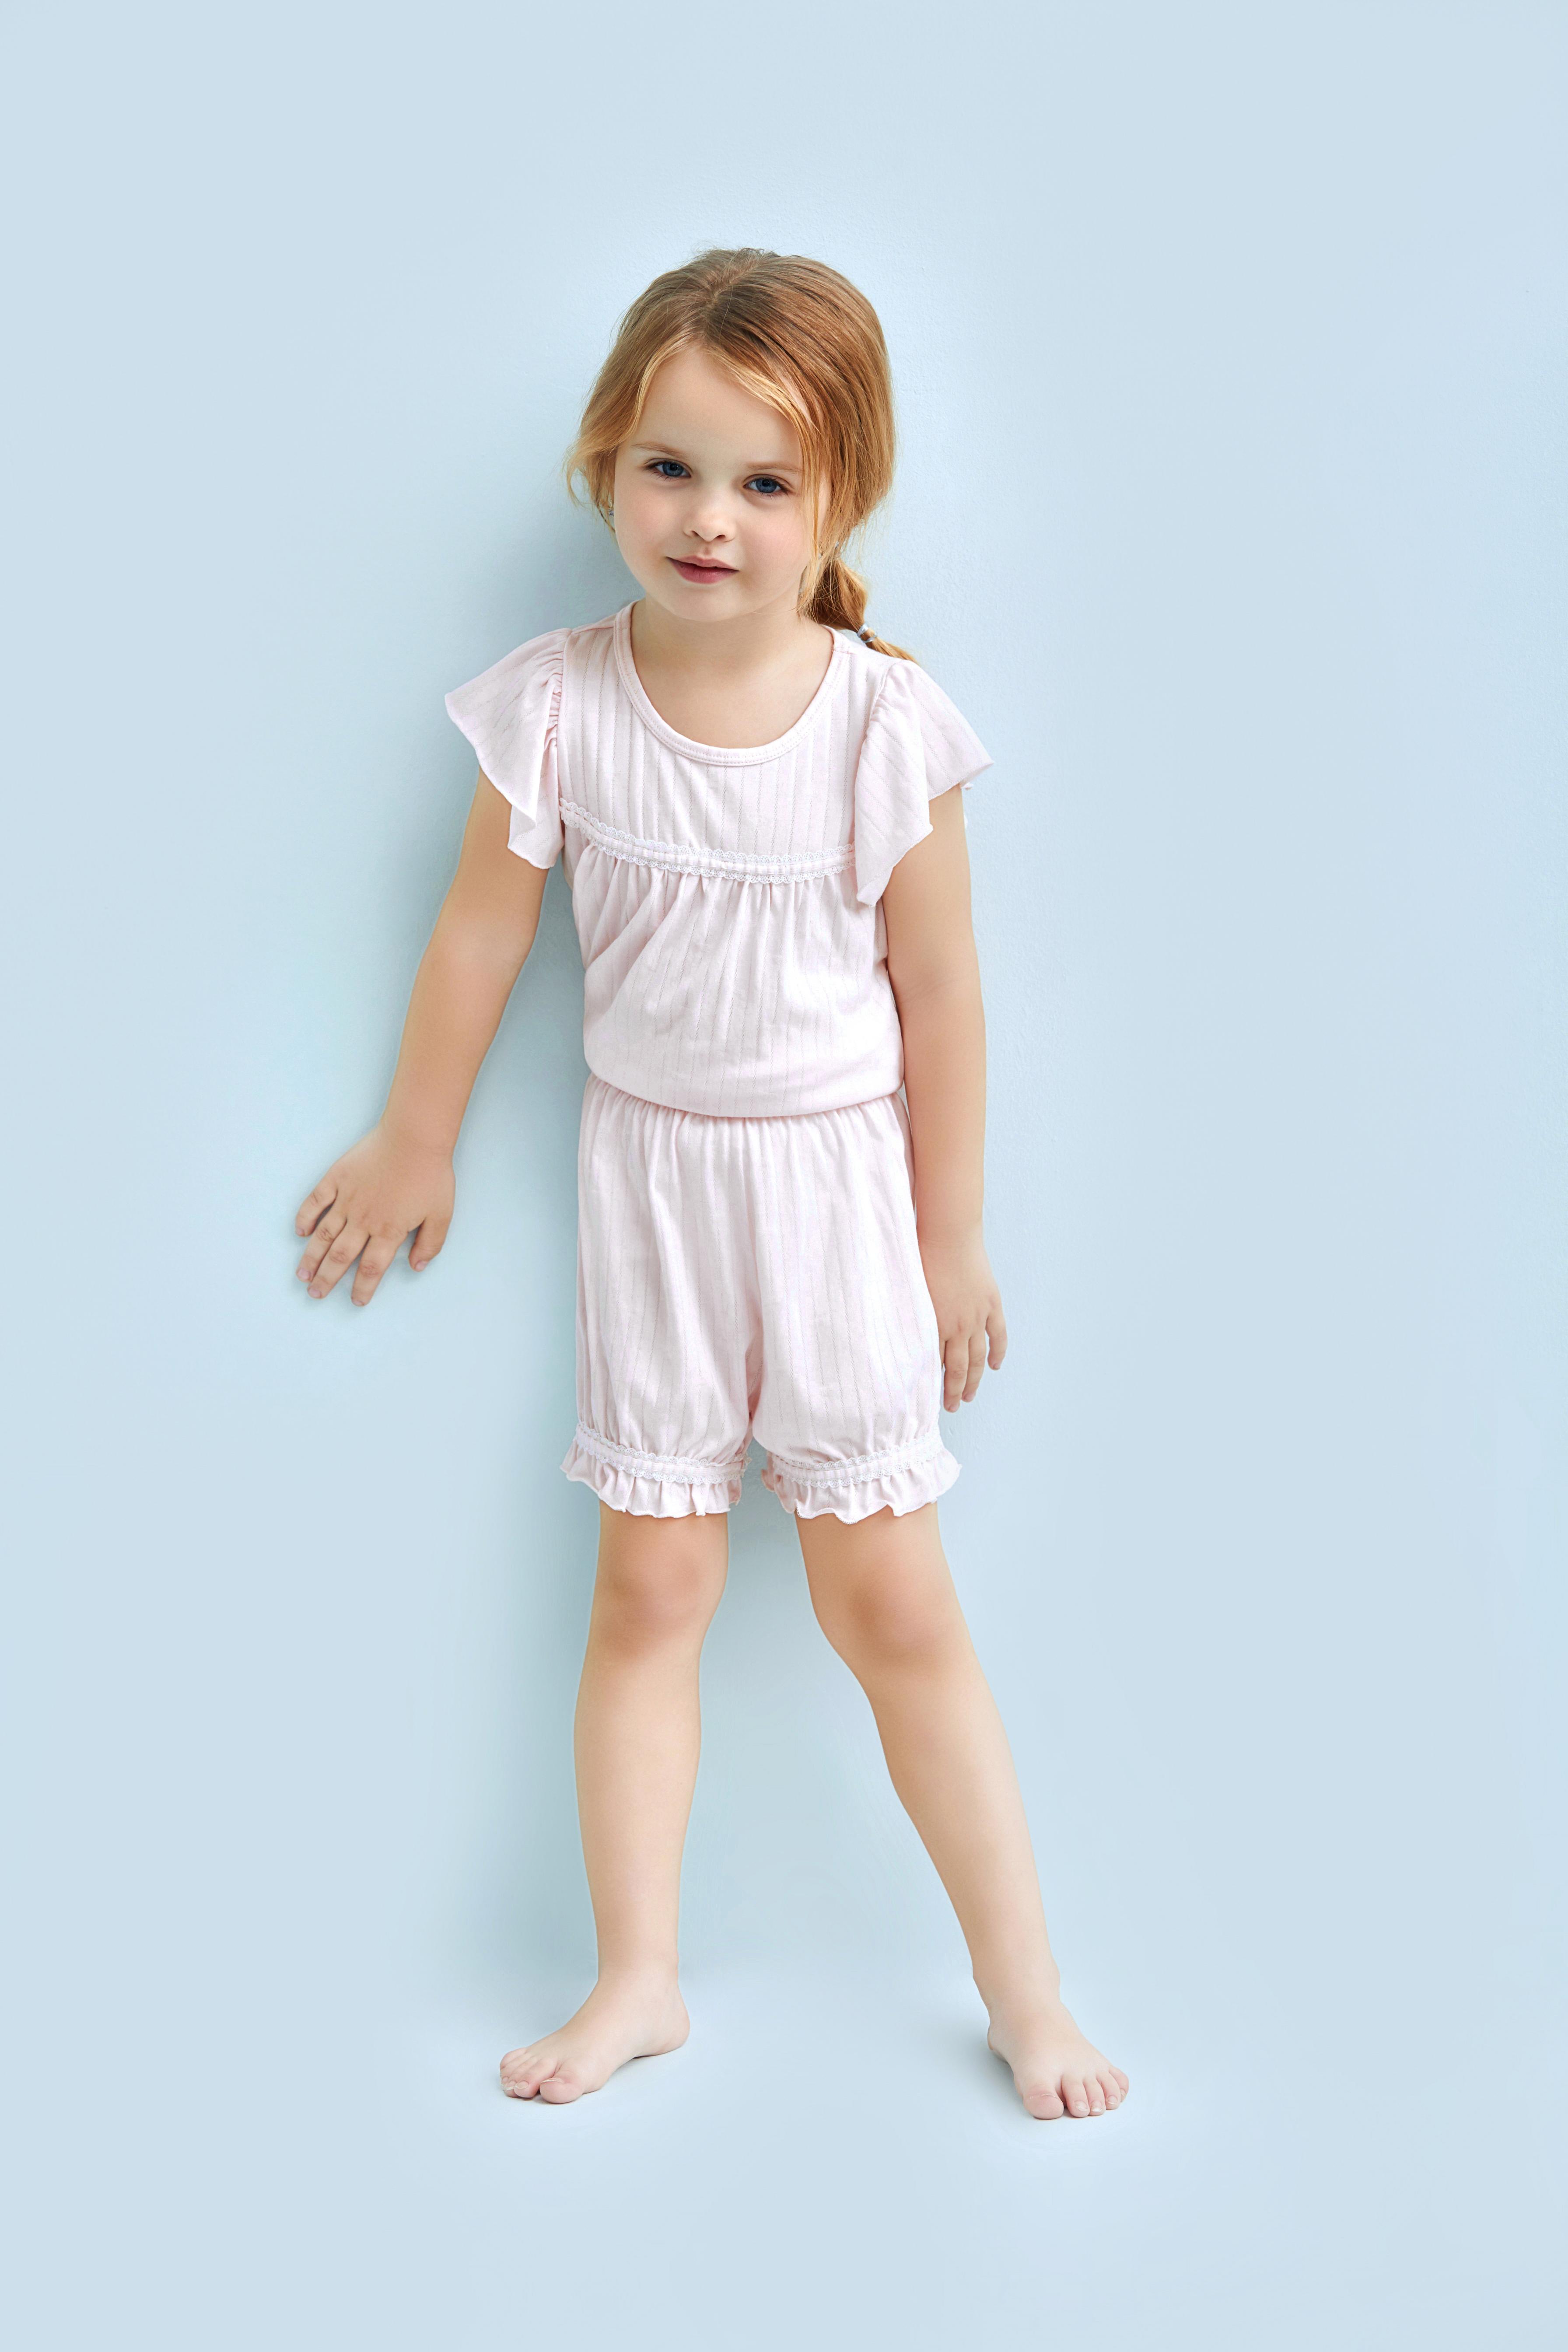 爱慕儿童蕾丝铃兰短裤AK1420801